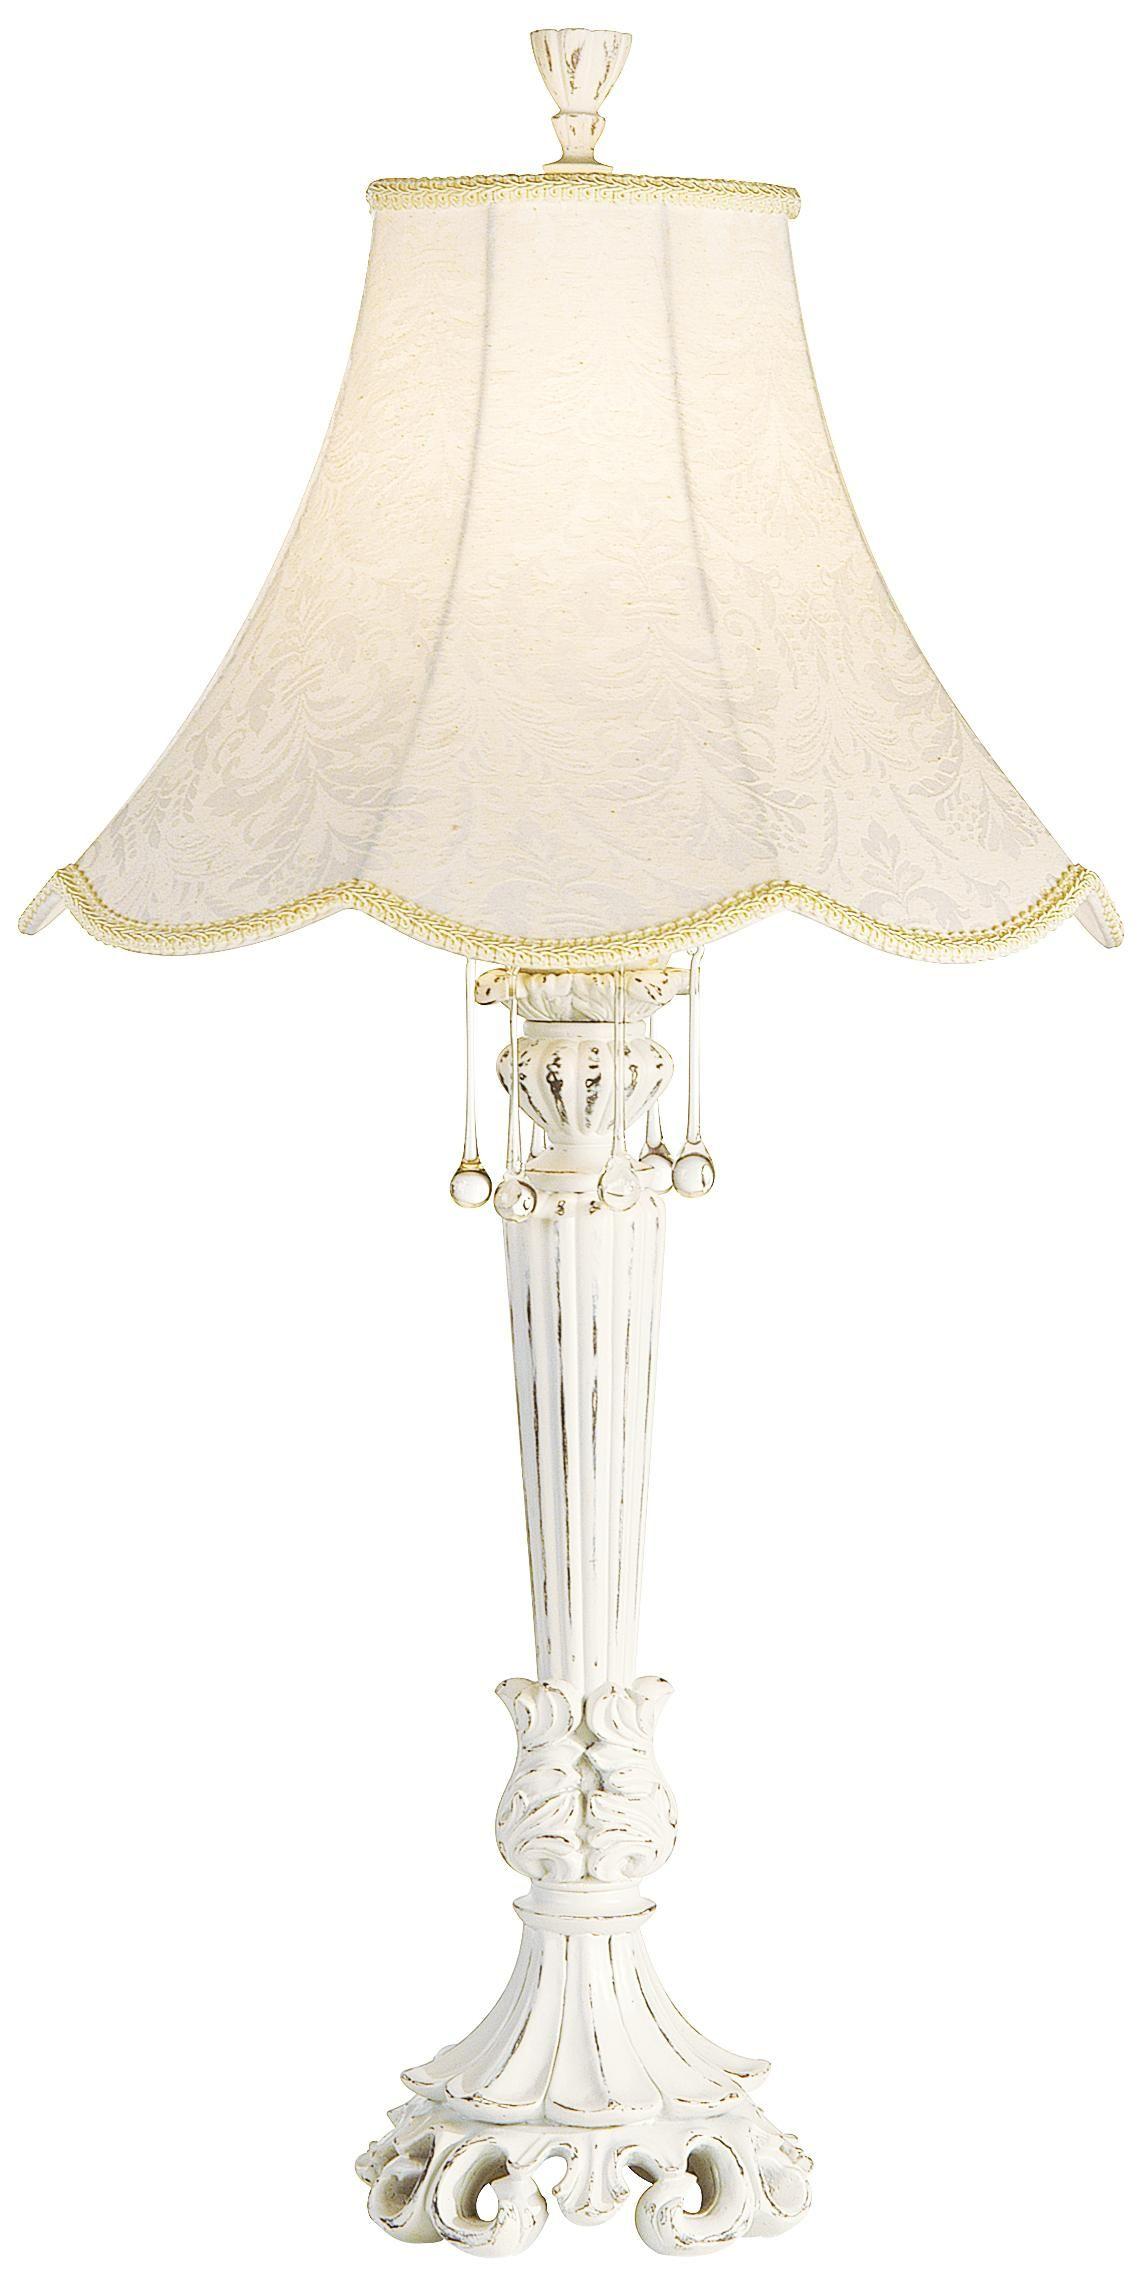 Kathy Ireland Chateau de Bordeaux Table Lamp Style